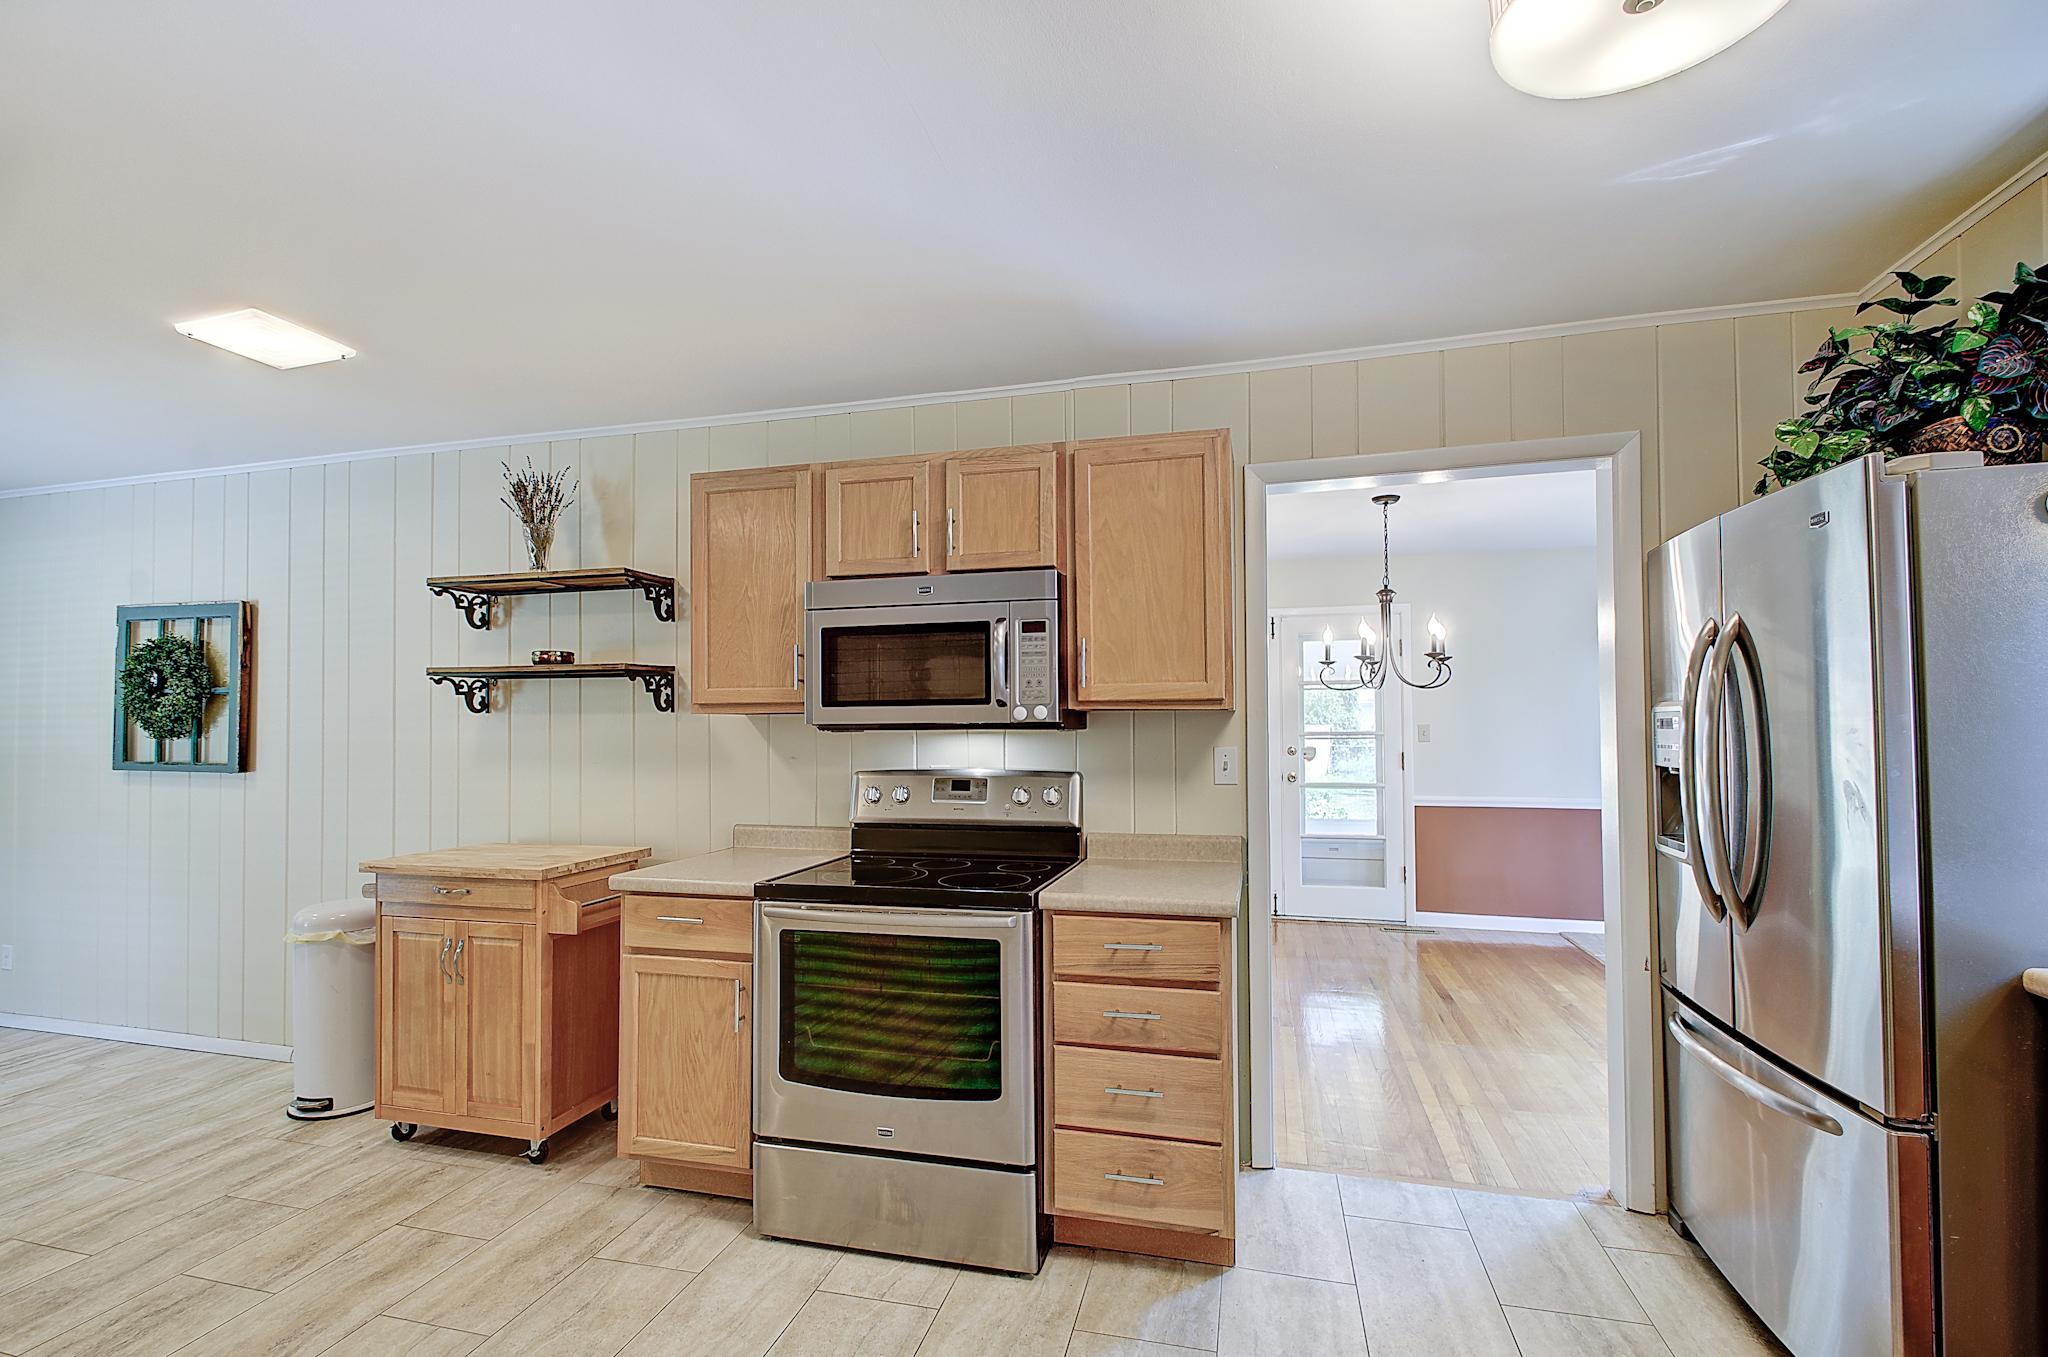 6-Kitchen View 2.jpg